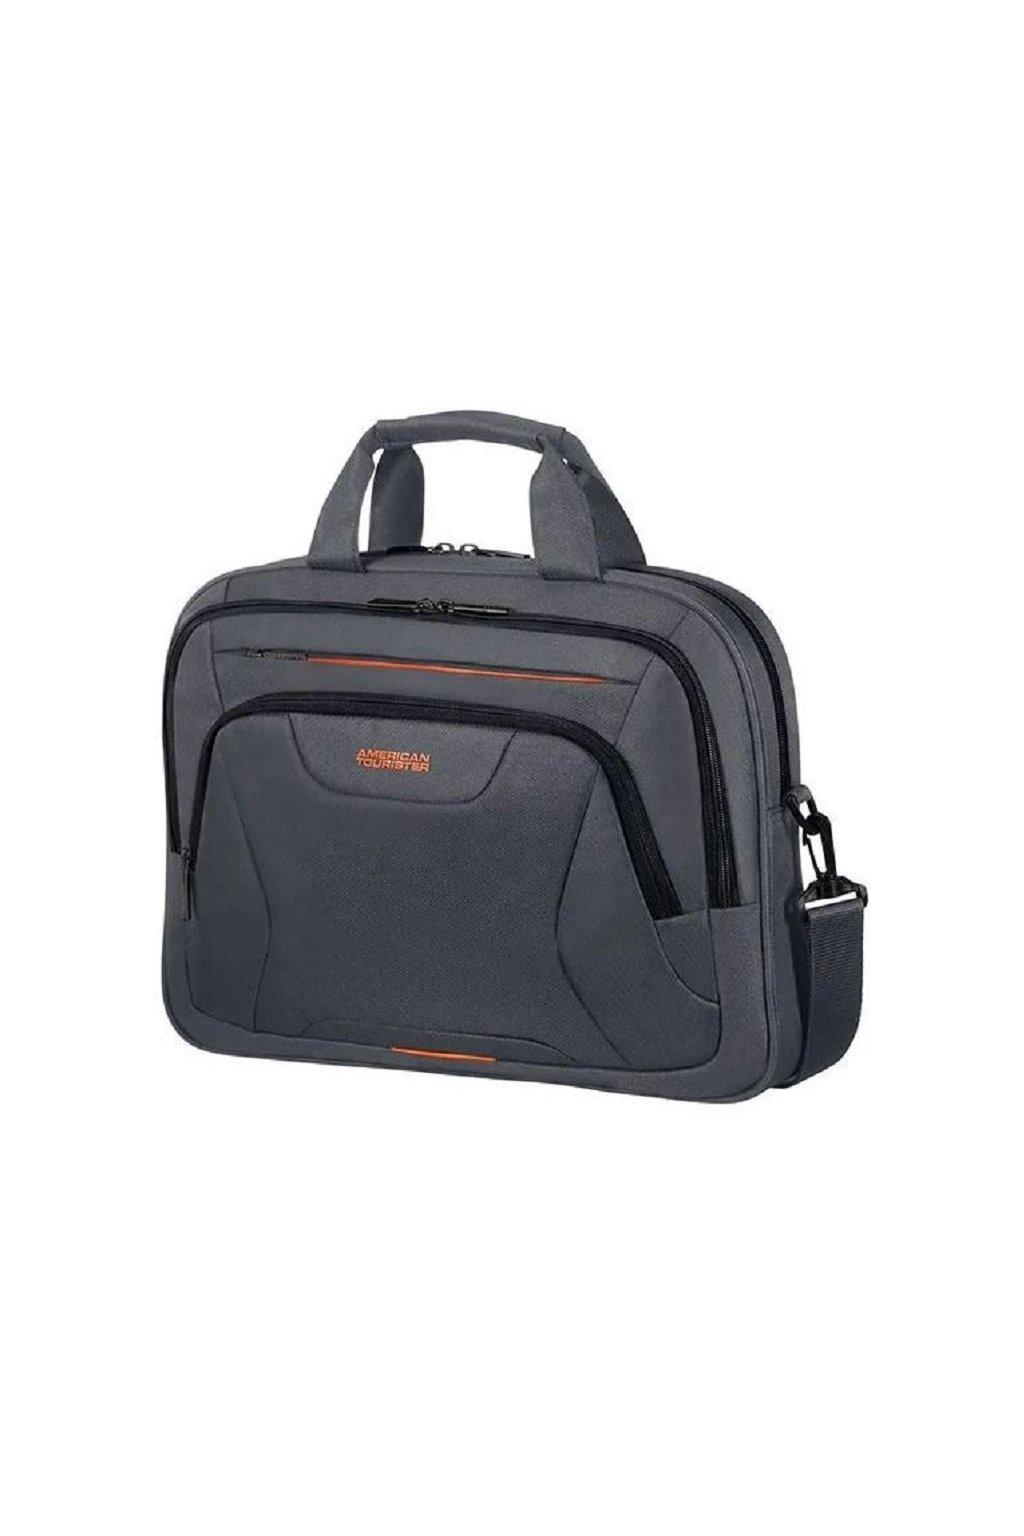 kufrland americantourister atwork laptopback greyorange (1)